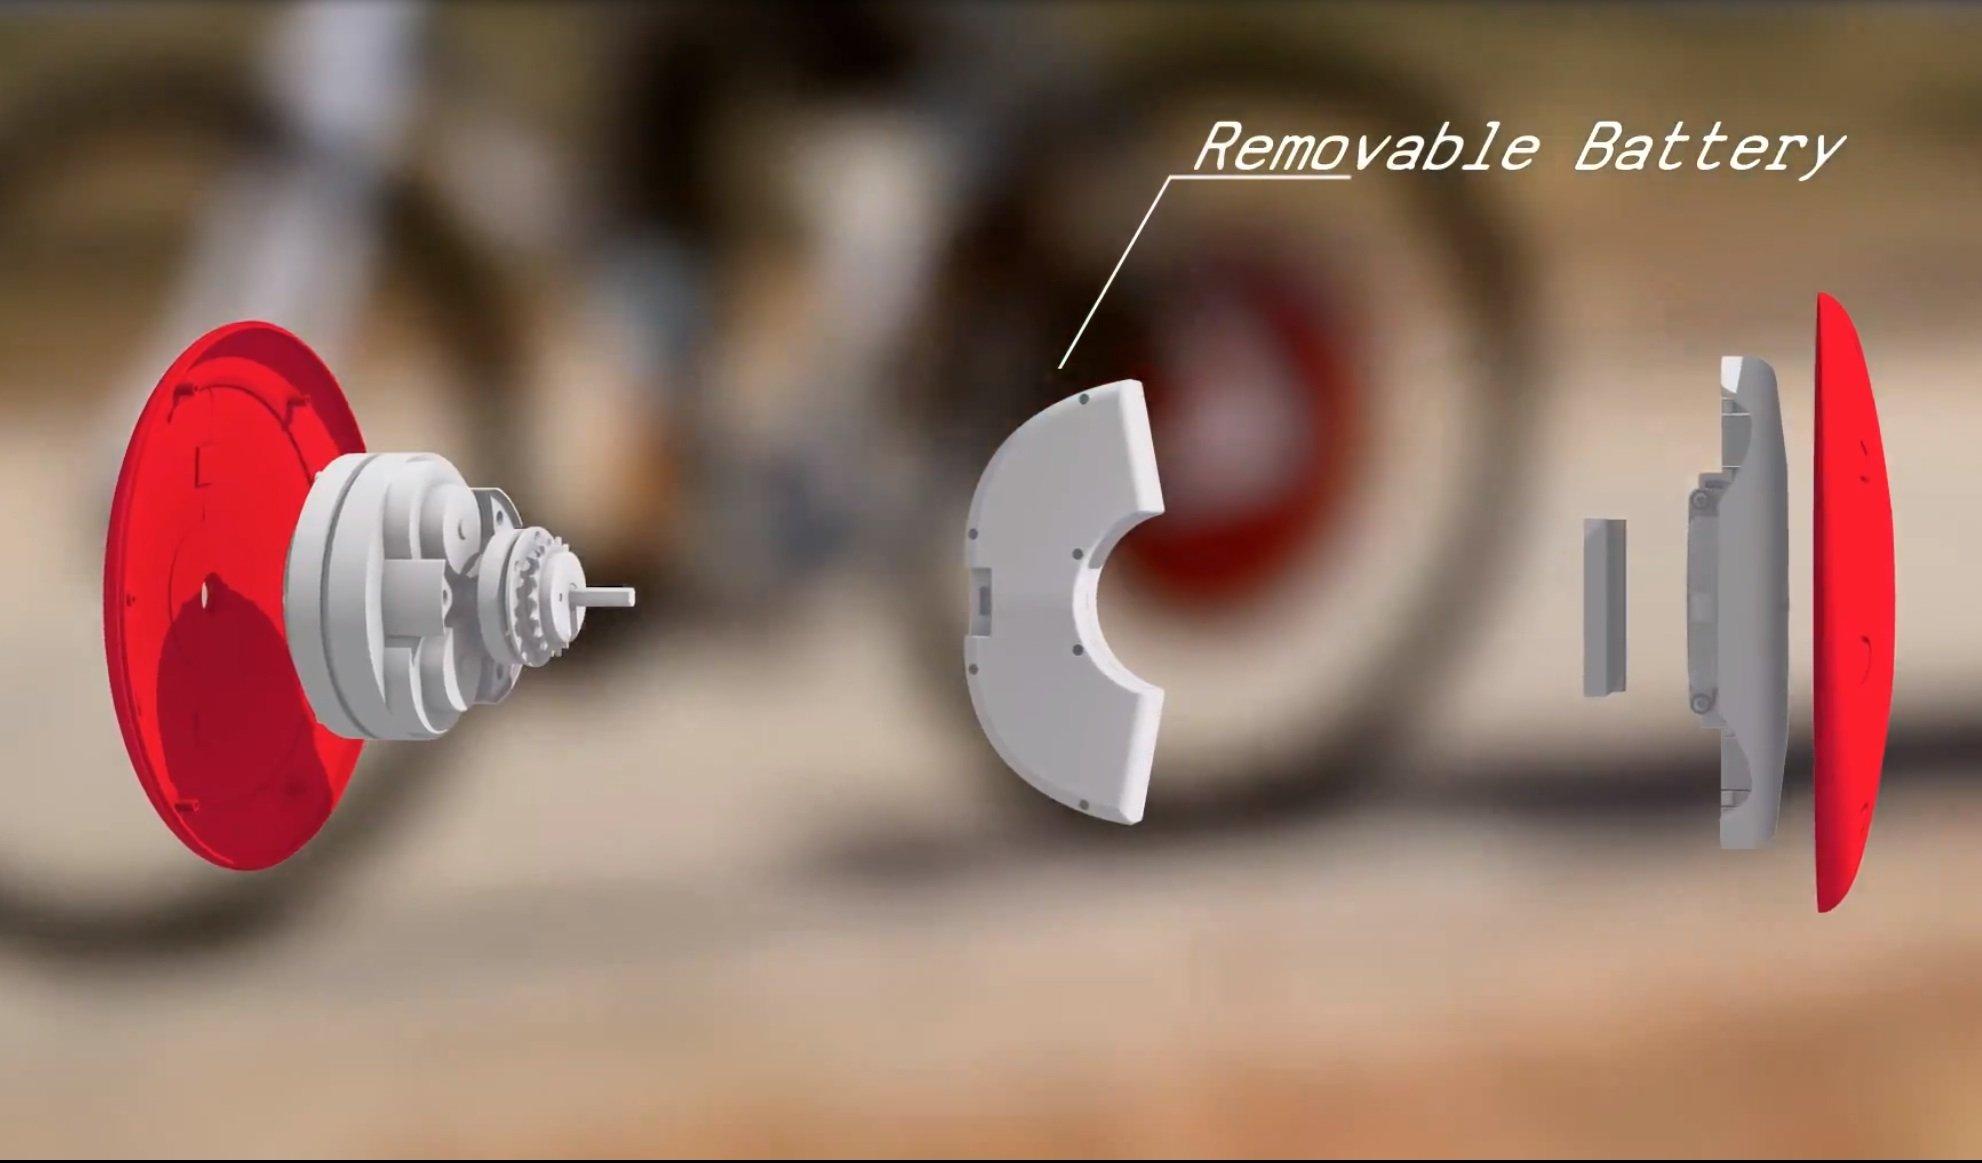 Die kompakte Bauweise des Elektroantriebes ist verblüffend: Der gesamte Bausatz lässt sich auf das Hinterrad montieren.